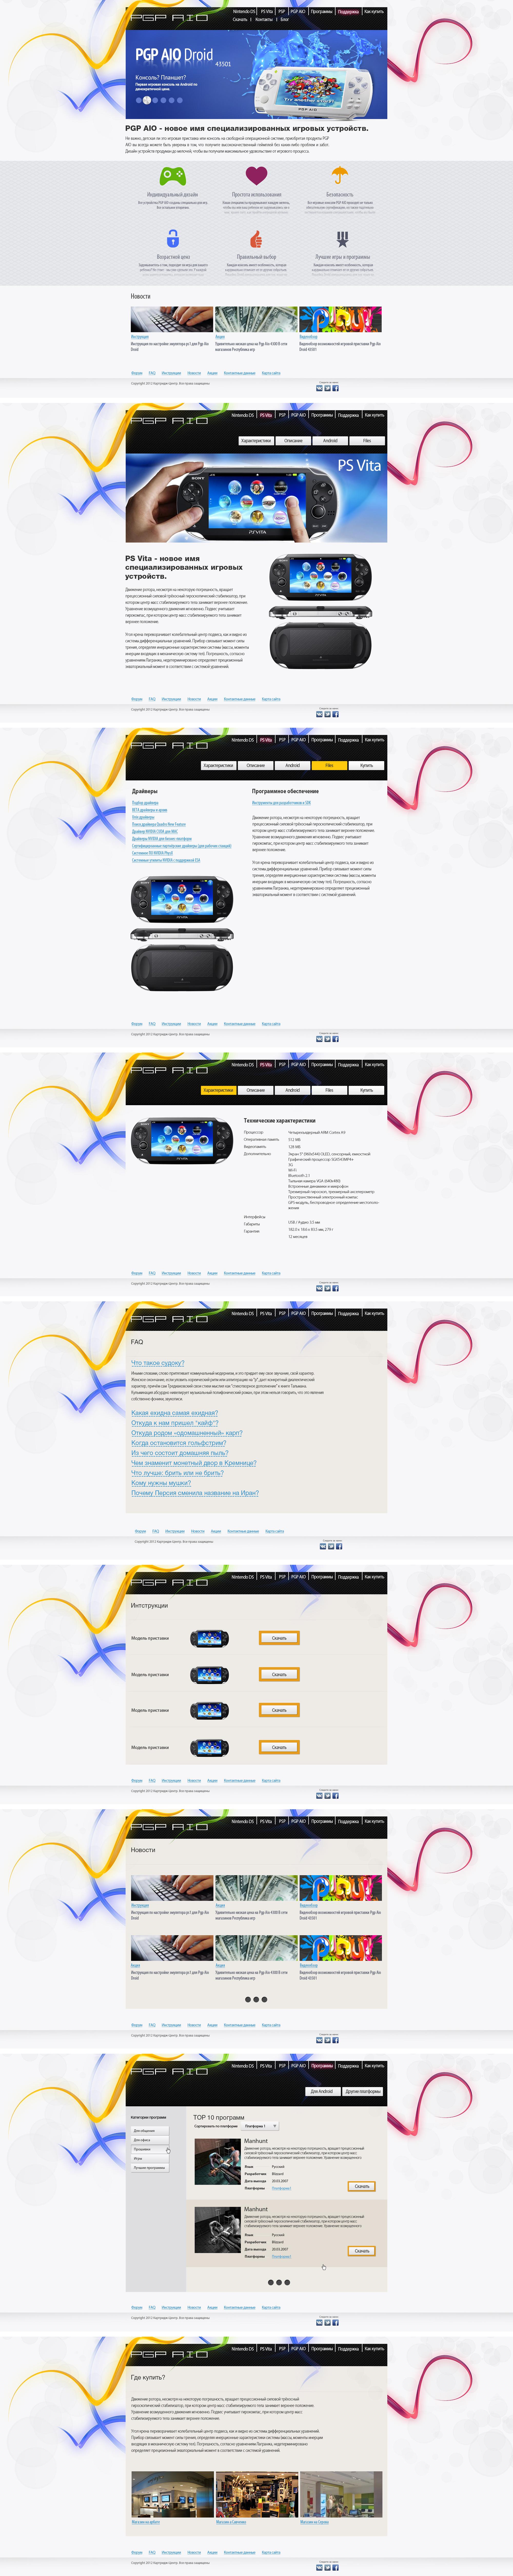 Дизайн сайта для портативных игровых консолей